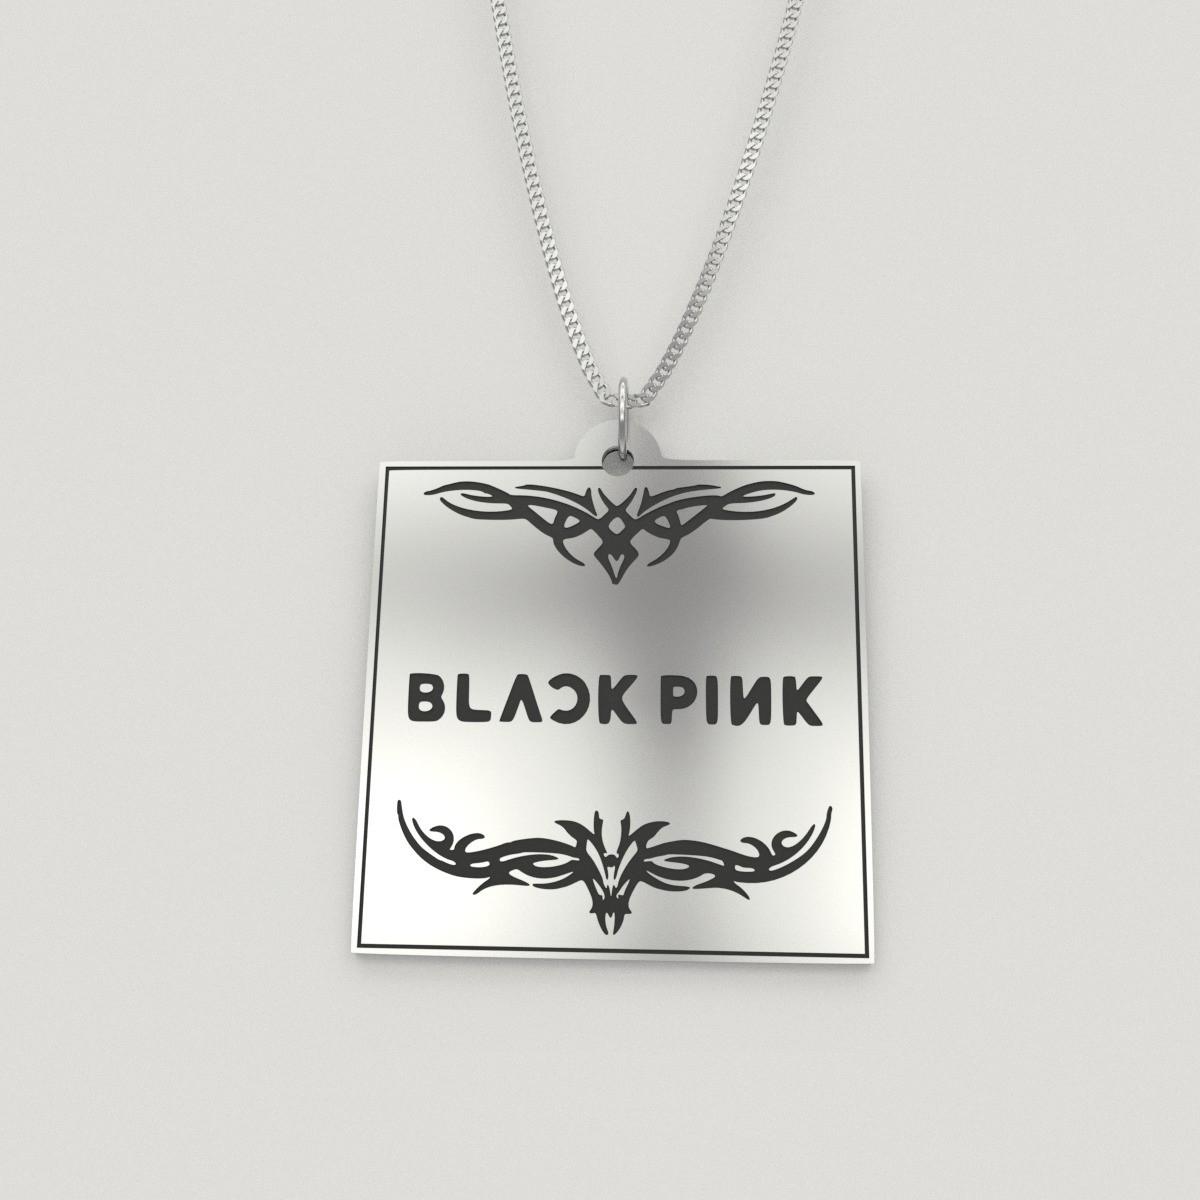 BlackPink Logo Engraved Charm Necklace